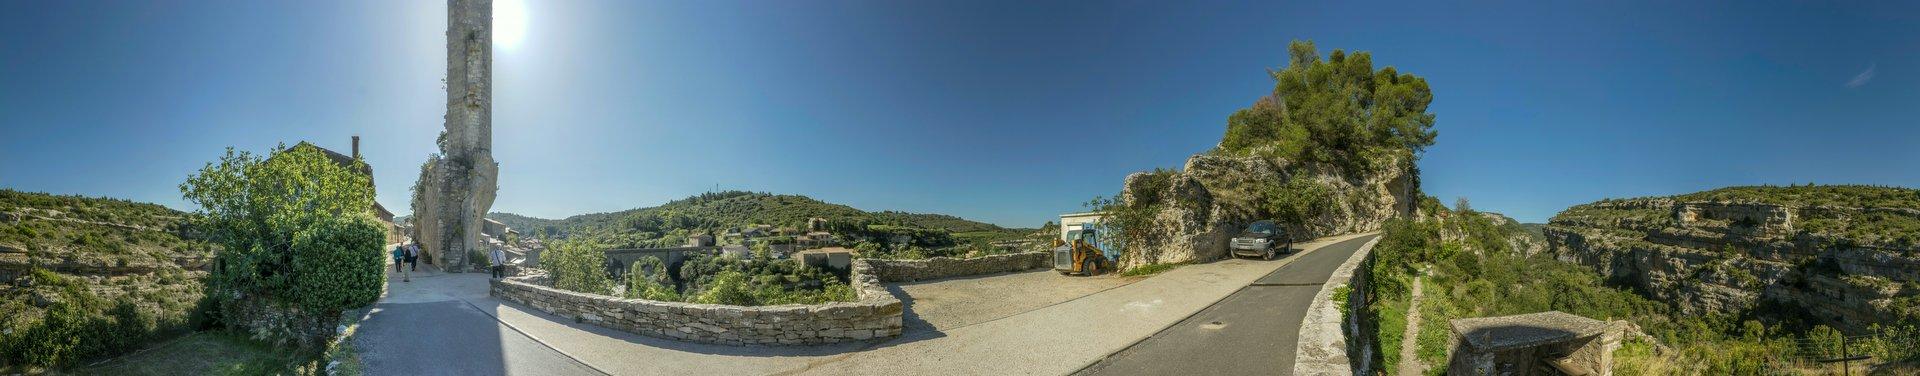 360° Panorama von der Rue des Remparts in Minerve